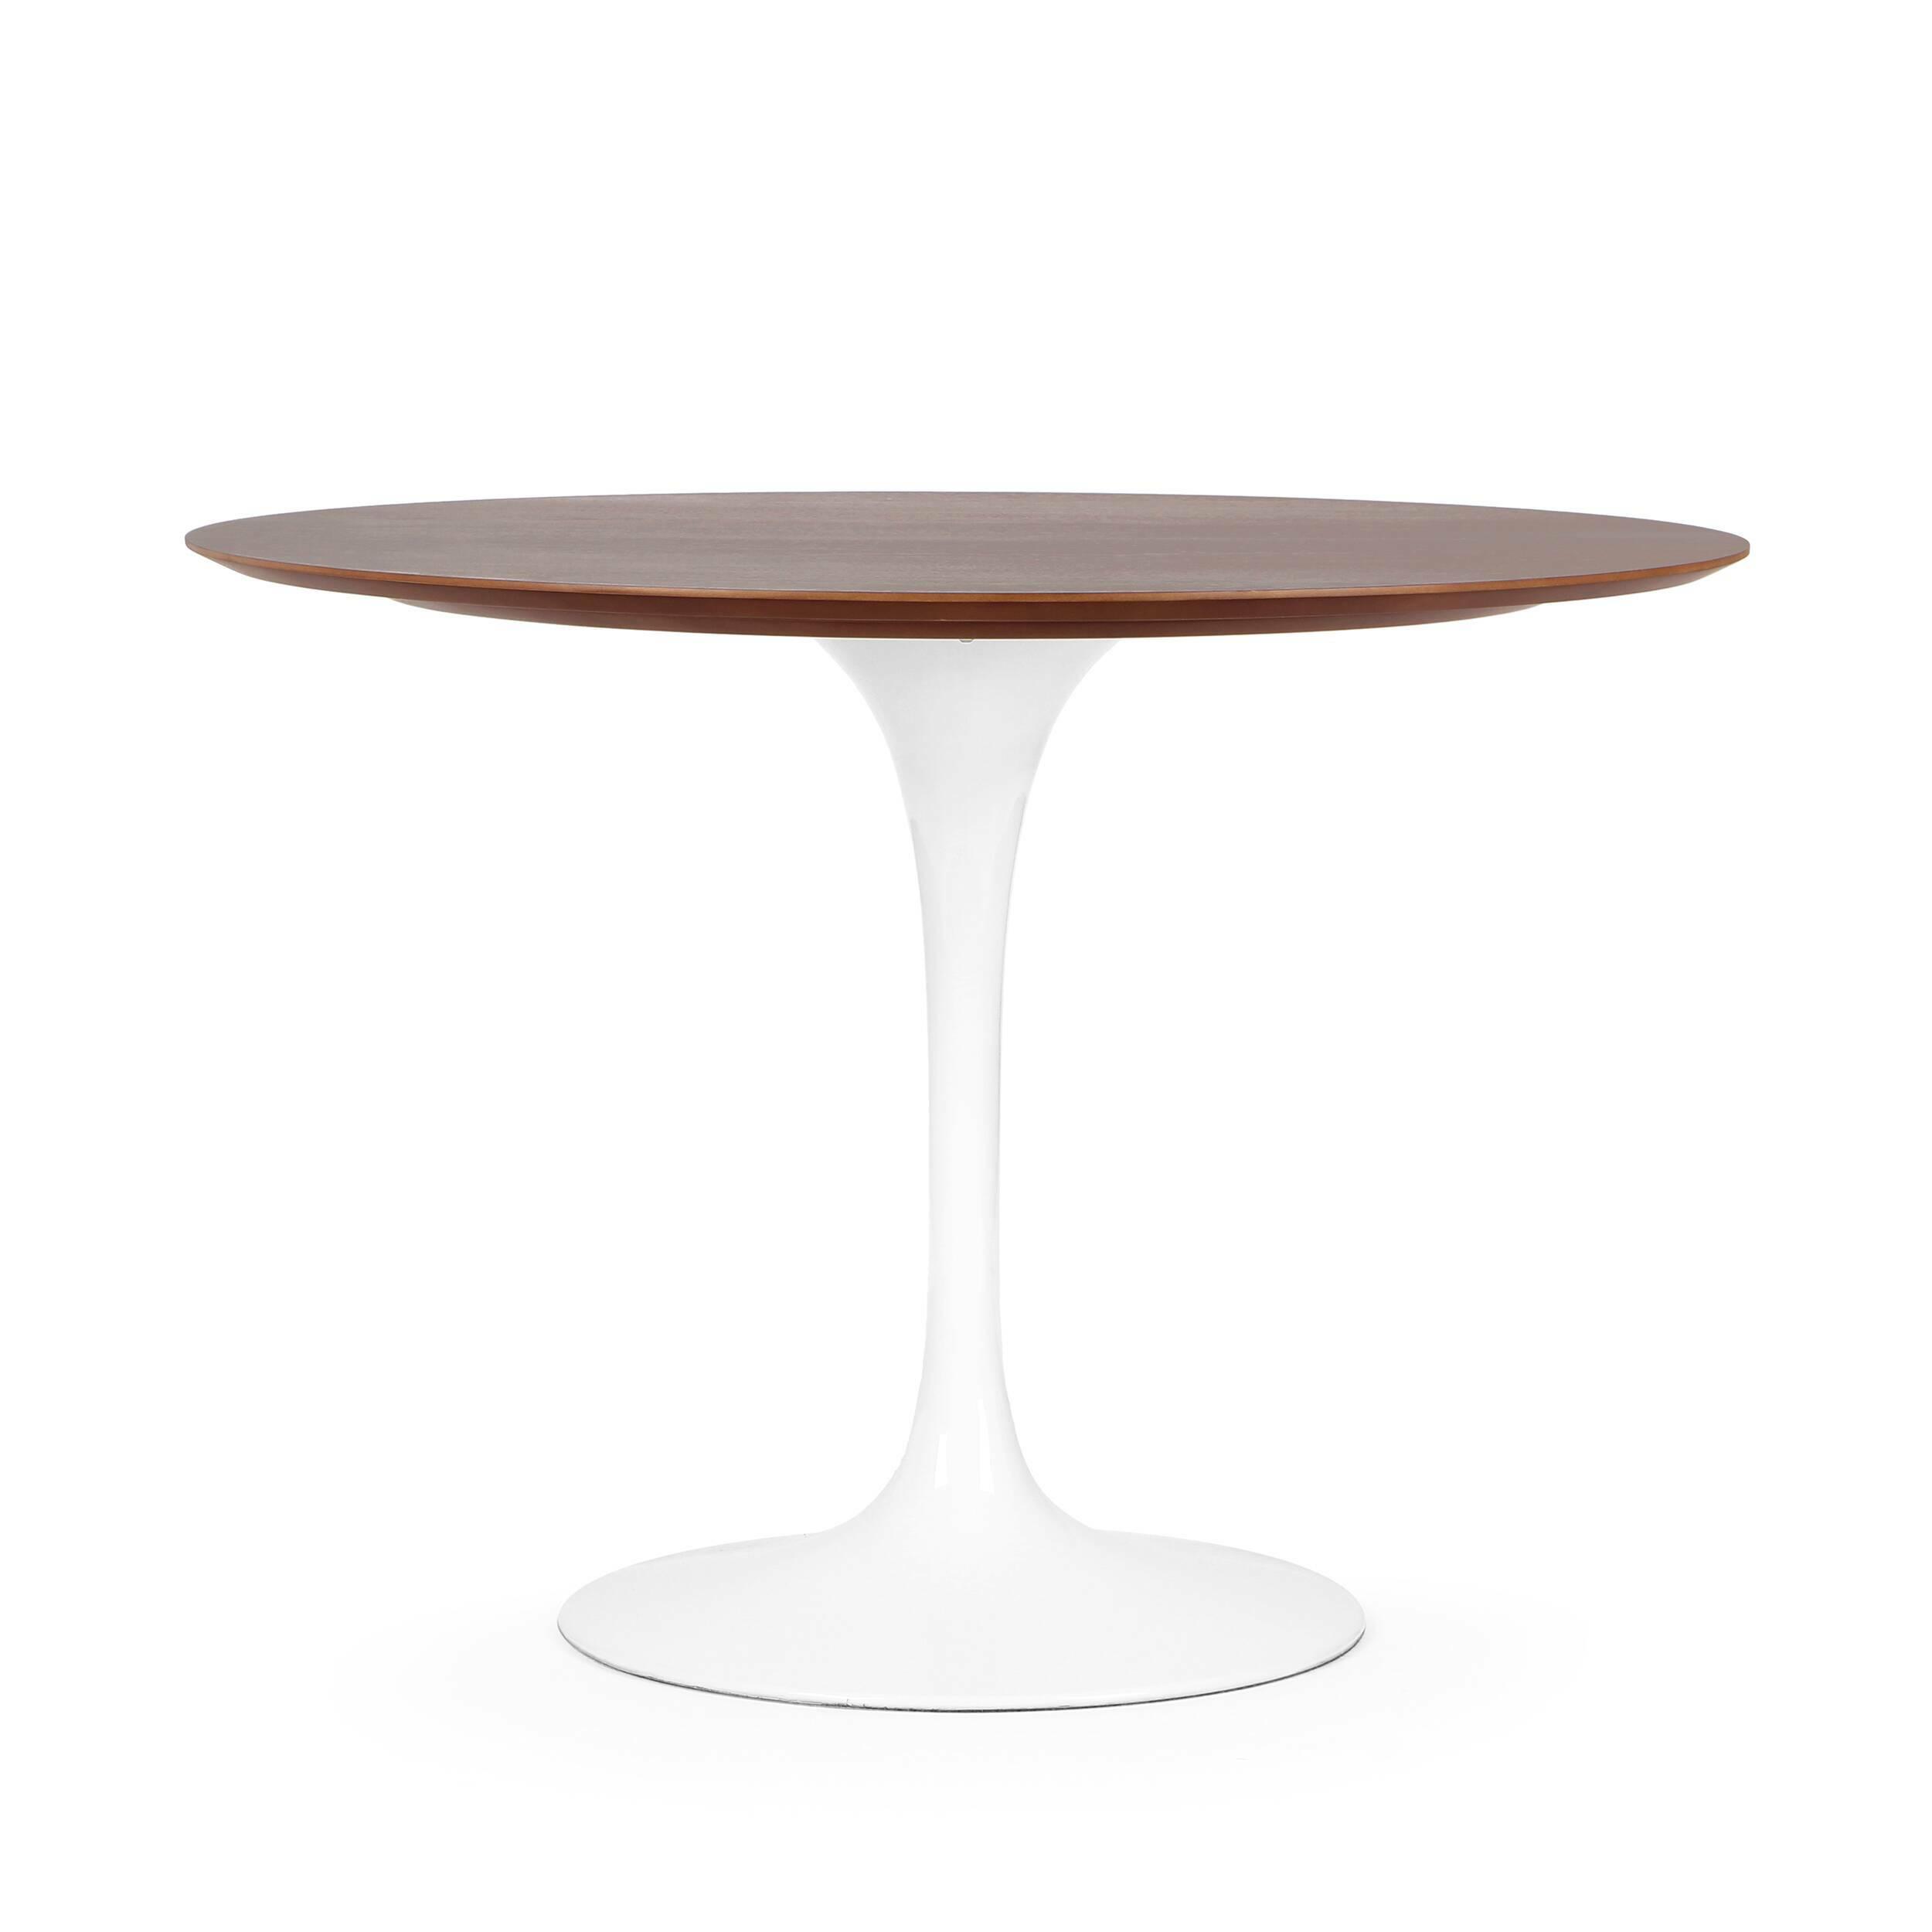 Купить Стол обеденный круглый DT16307B, Cosmo